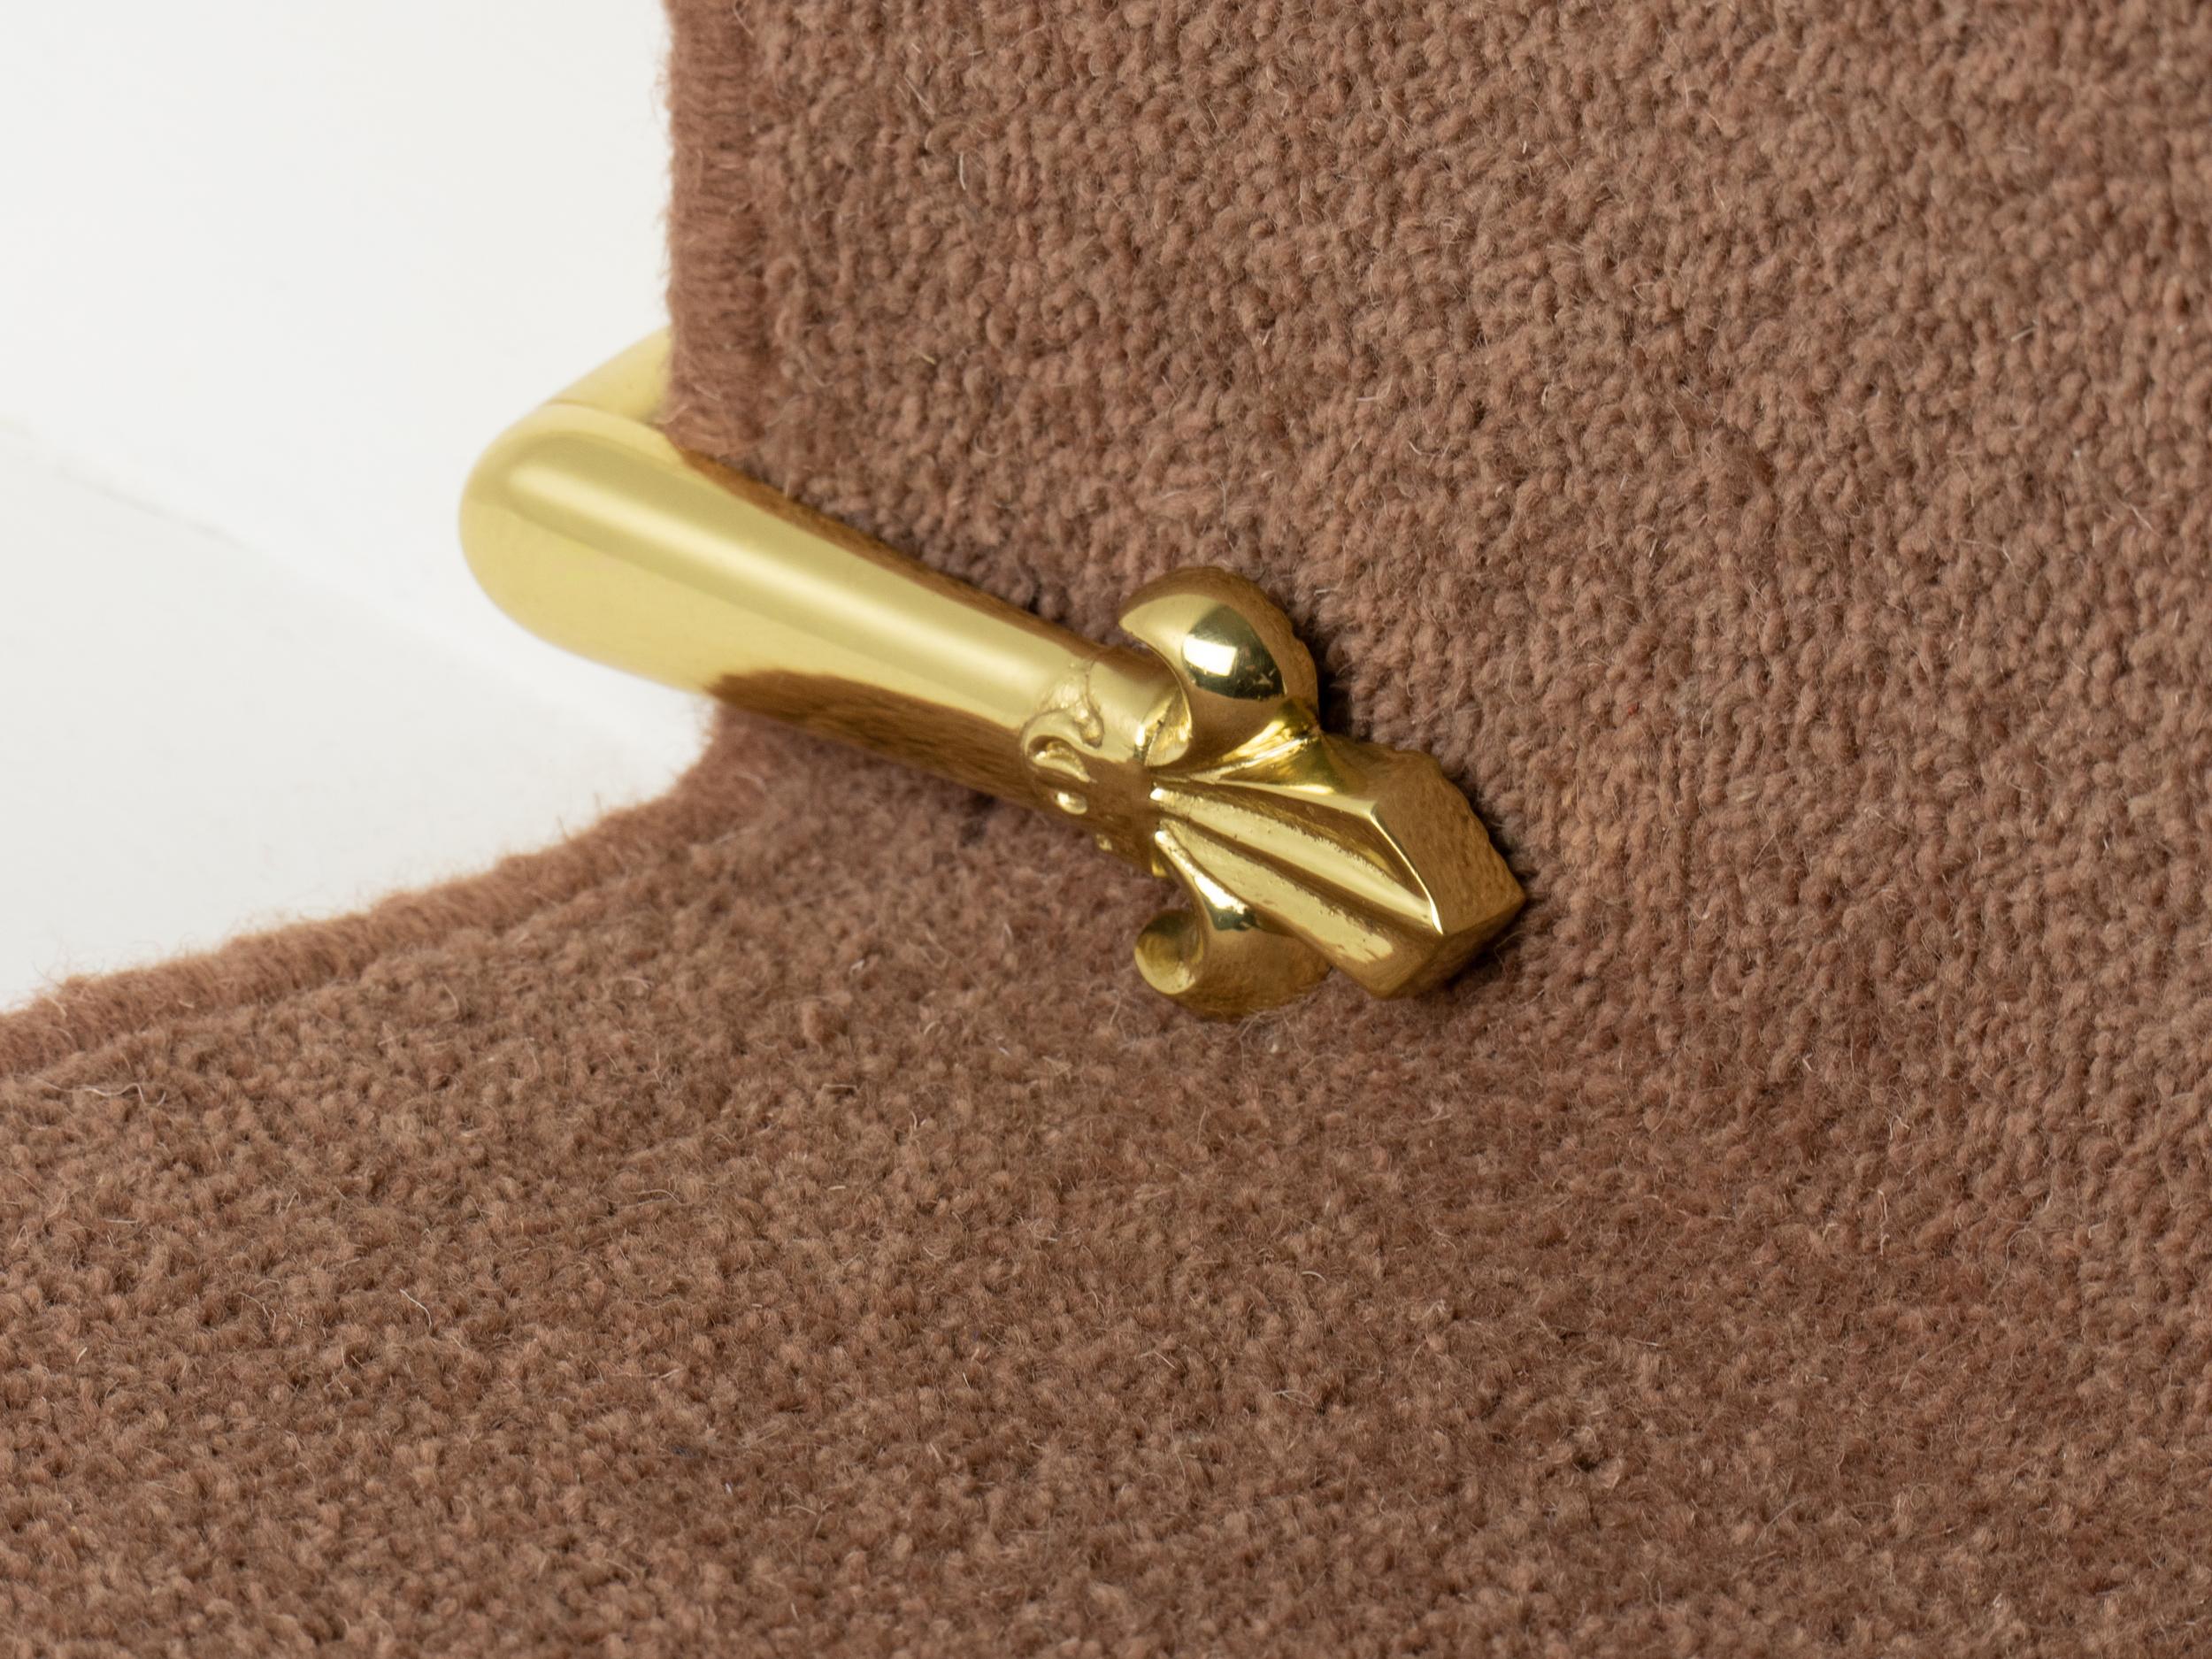 stairrods-brass-stair-clip 1.jpg